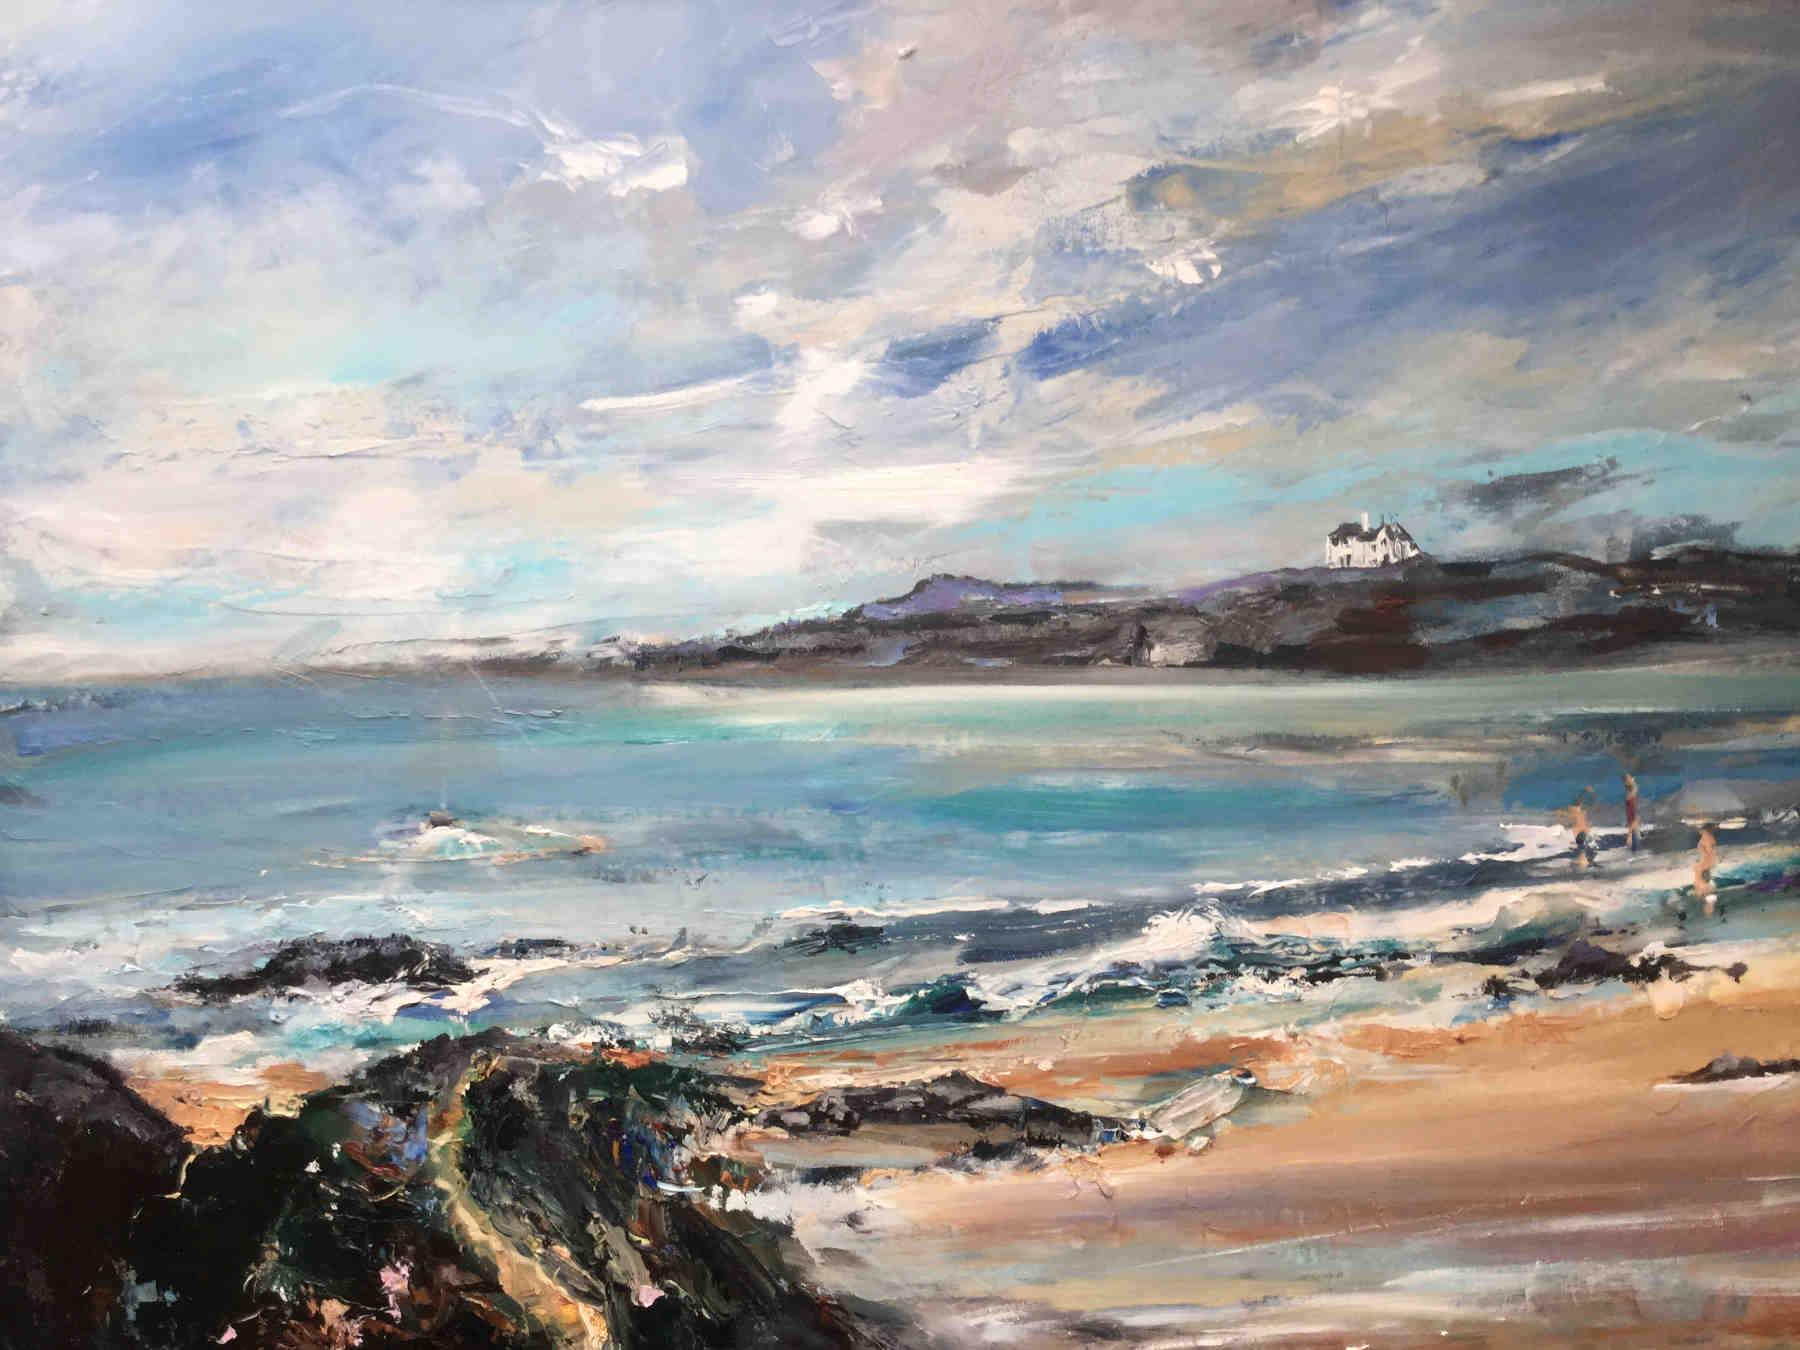 Rhoscolyn- Judith Donaghy